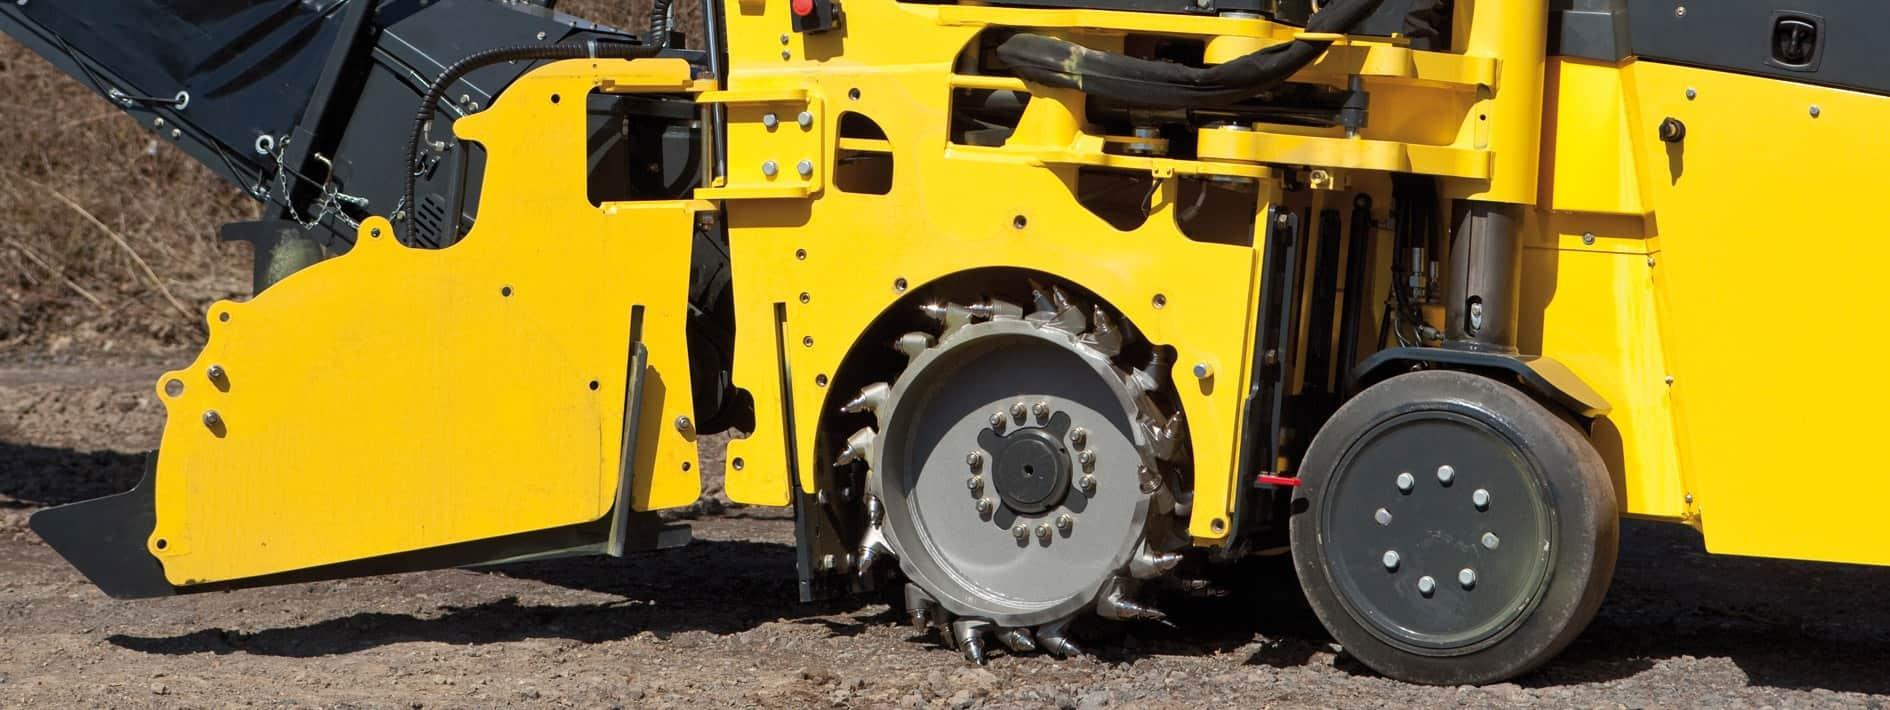 L'accesso al tamburo è libero dopo lo spostamento della ruota in avanti e l'apertura della porta laterale